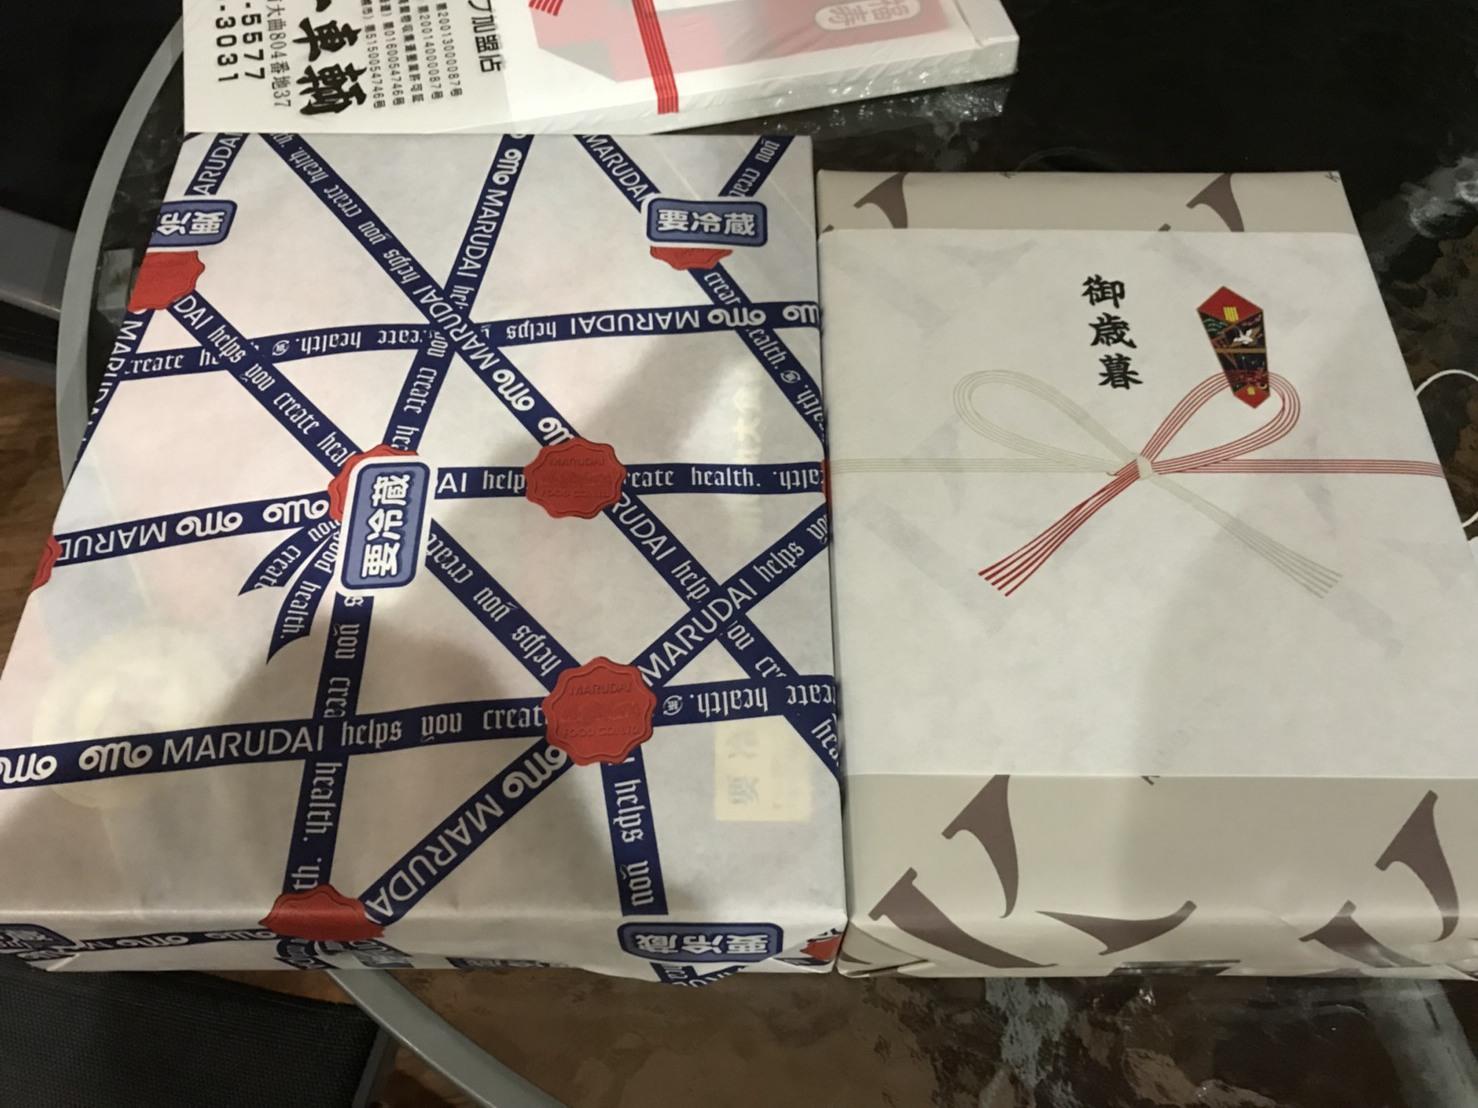 12月27日(水)トミーベース カスタムブログ☆LS600撮影開始!!サンタは大忙し!_b0127002_10594651.jpg